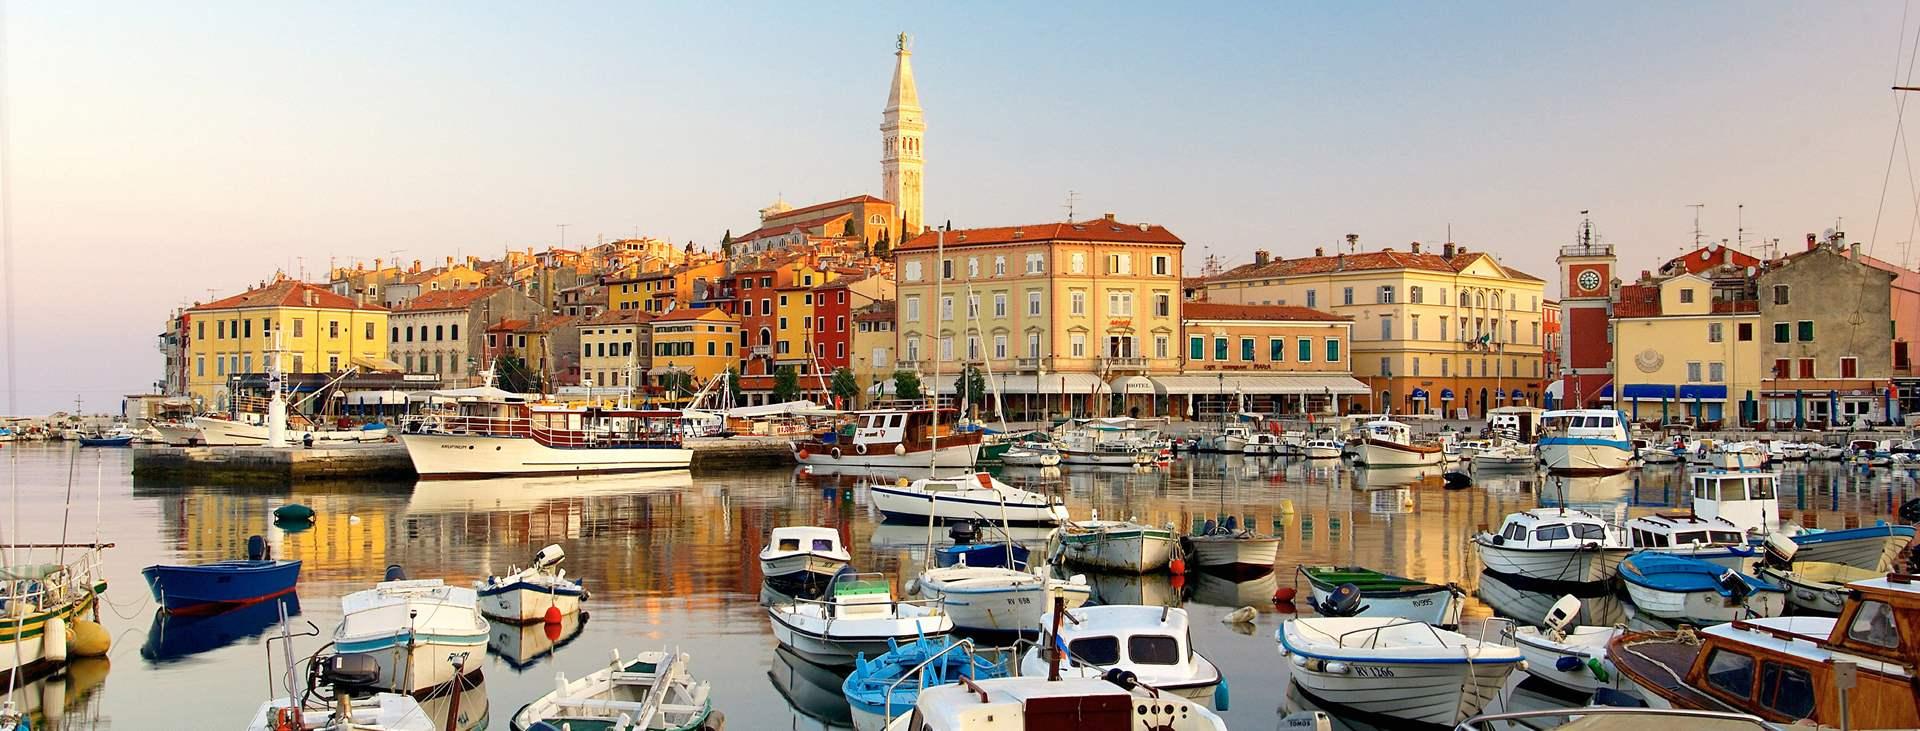 Tjäreborgin matkat Kroatiaan, Istrian niemimaalle ja Rovinjiin